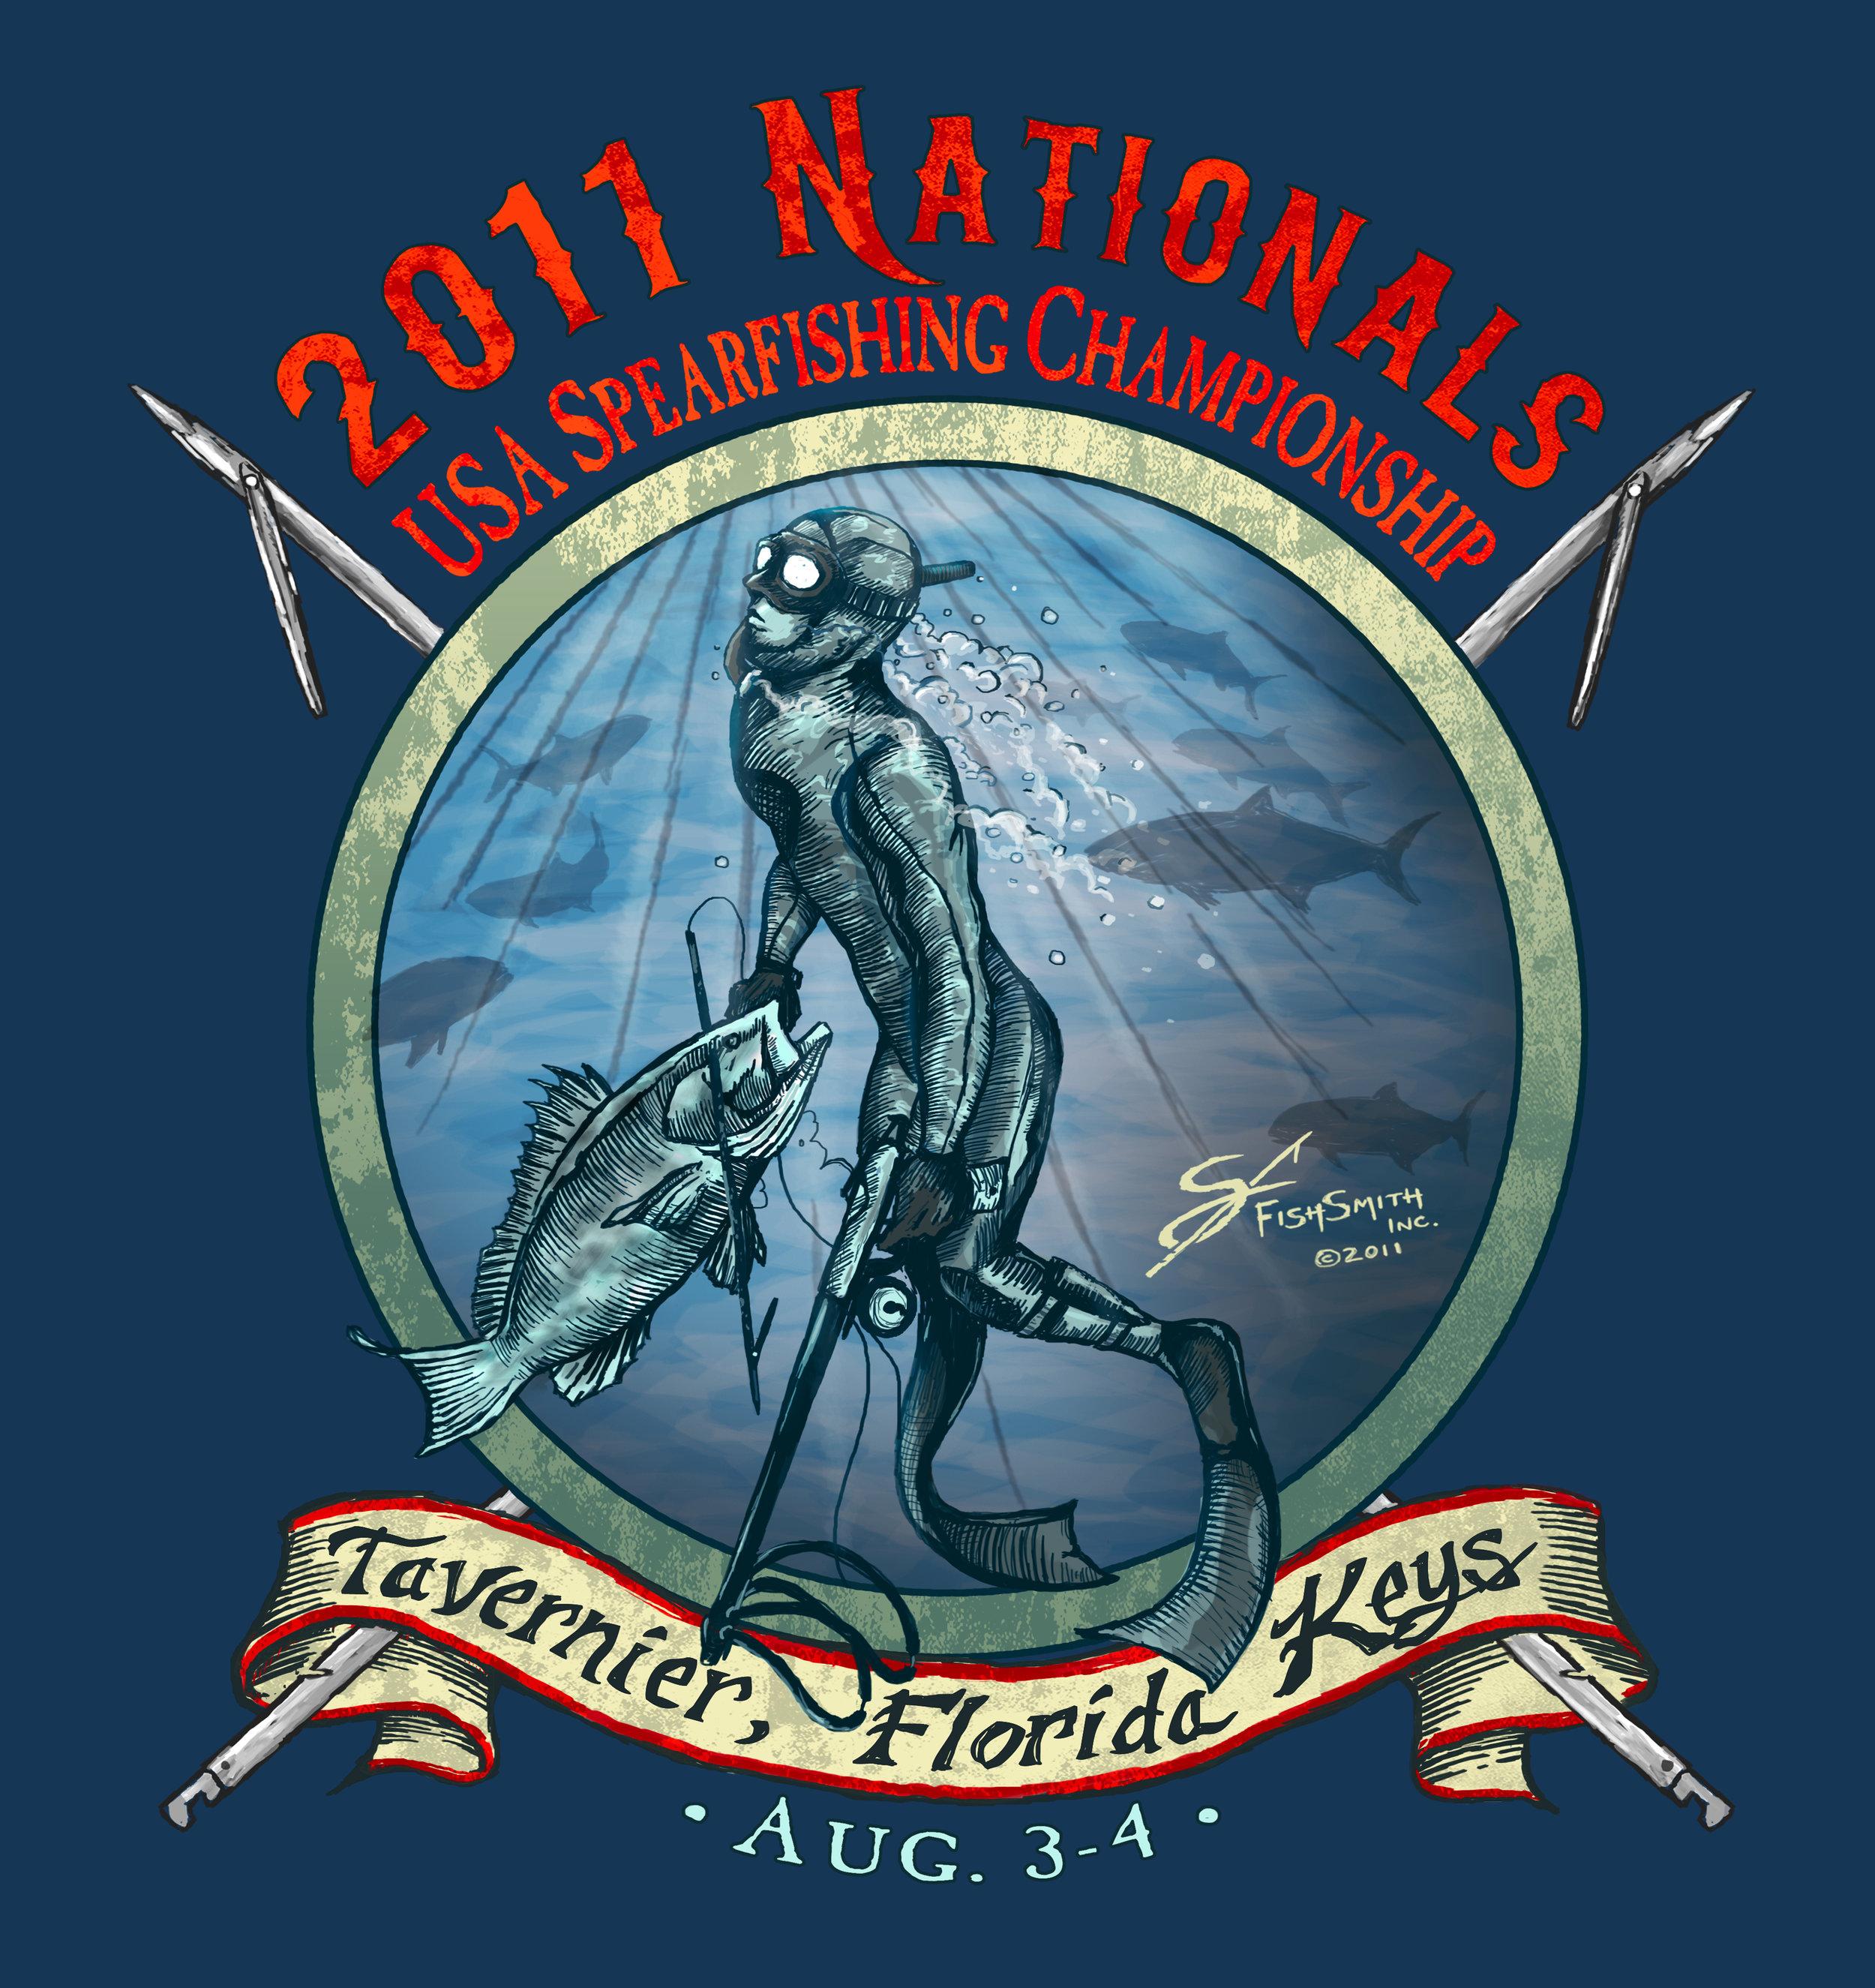 2011-NUSASPFC-NAVY-BLU.jpg